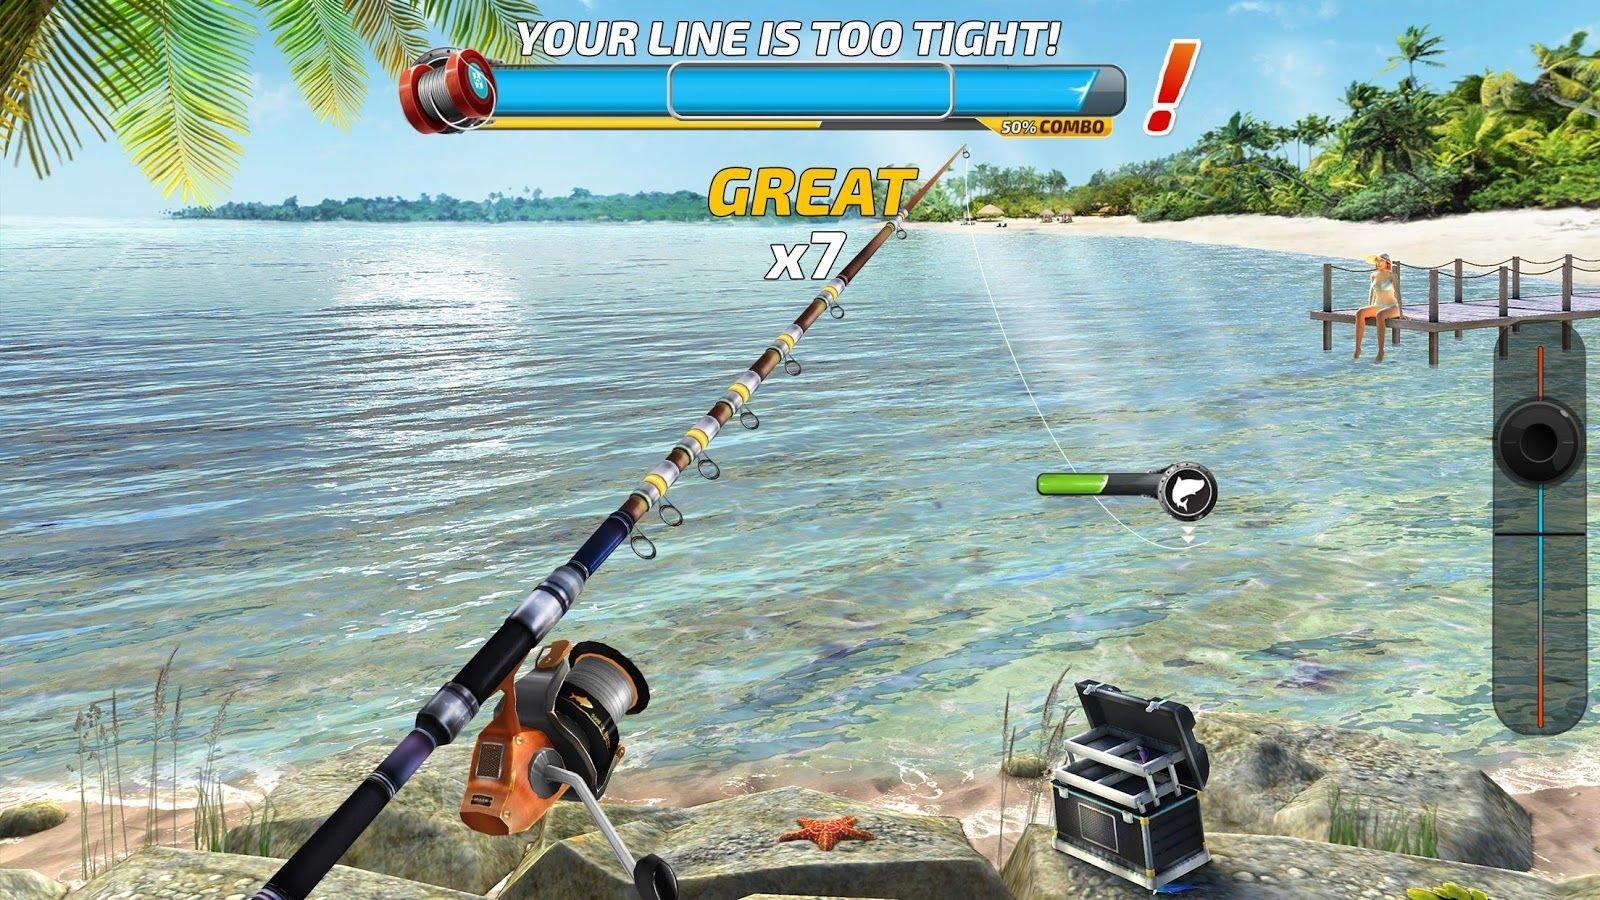 Каждый рыбак отправляясь на водоём надеется поймать трофей, но не всегда это удаётся.